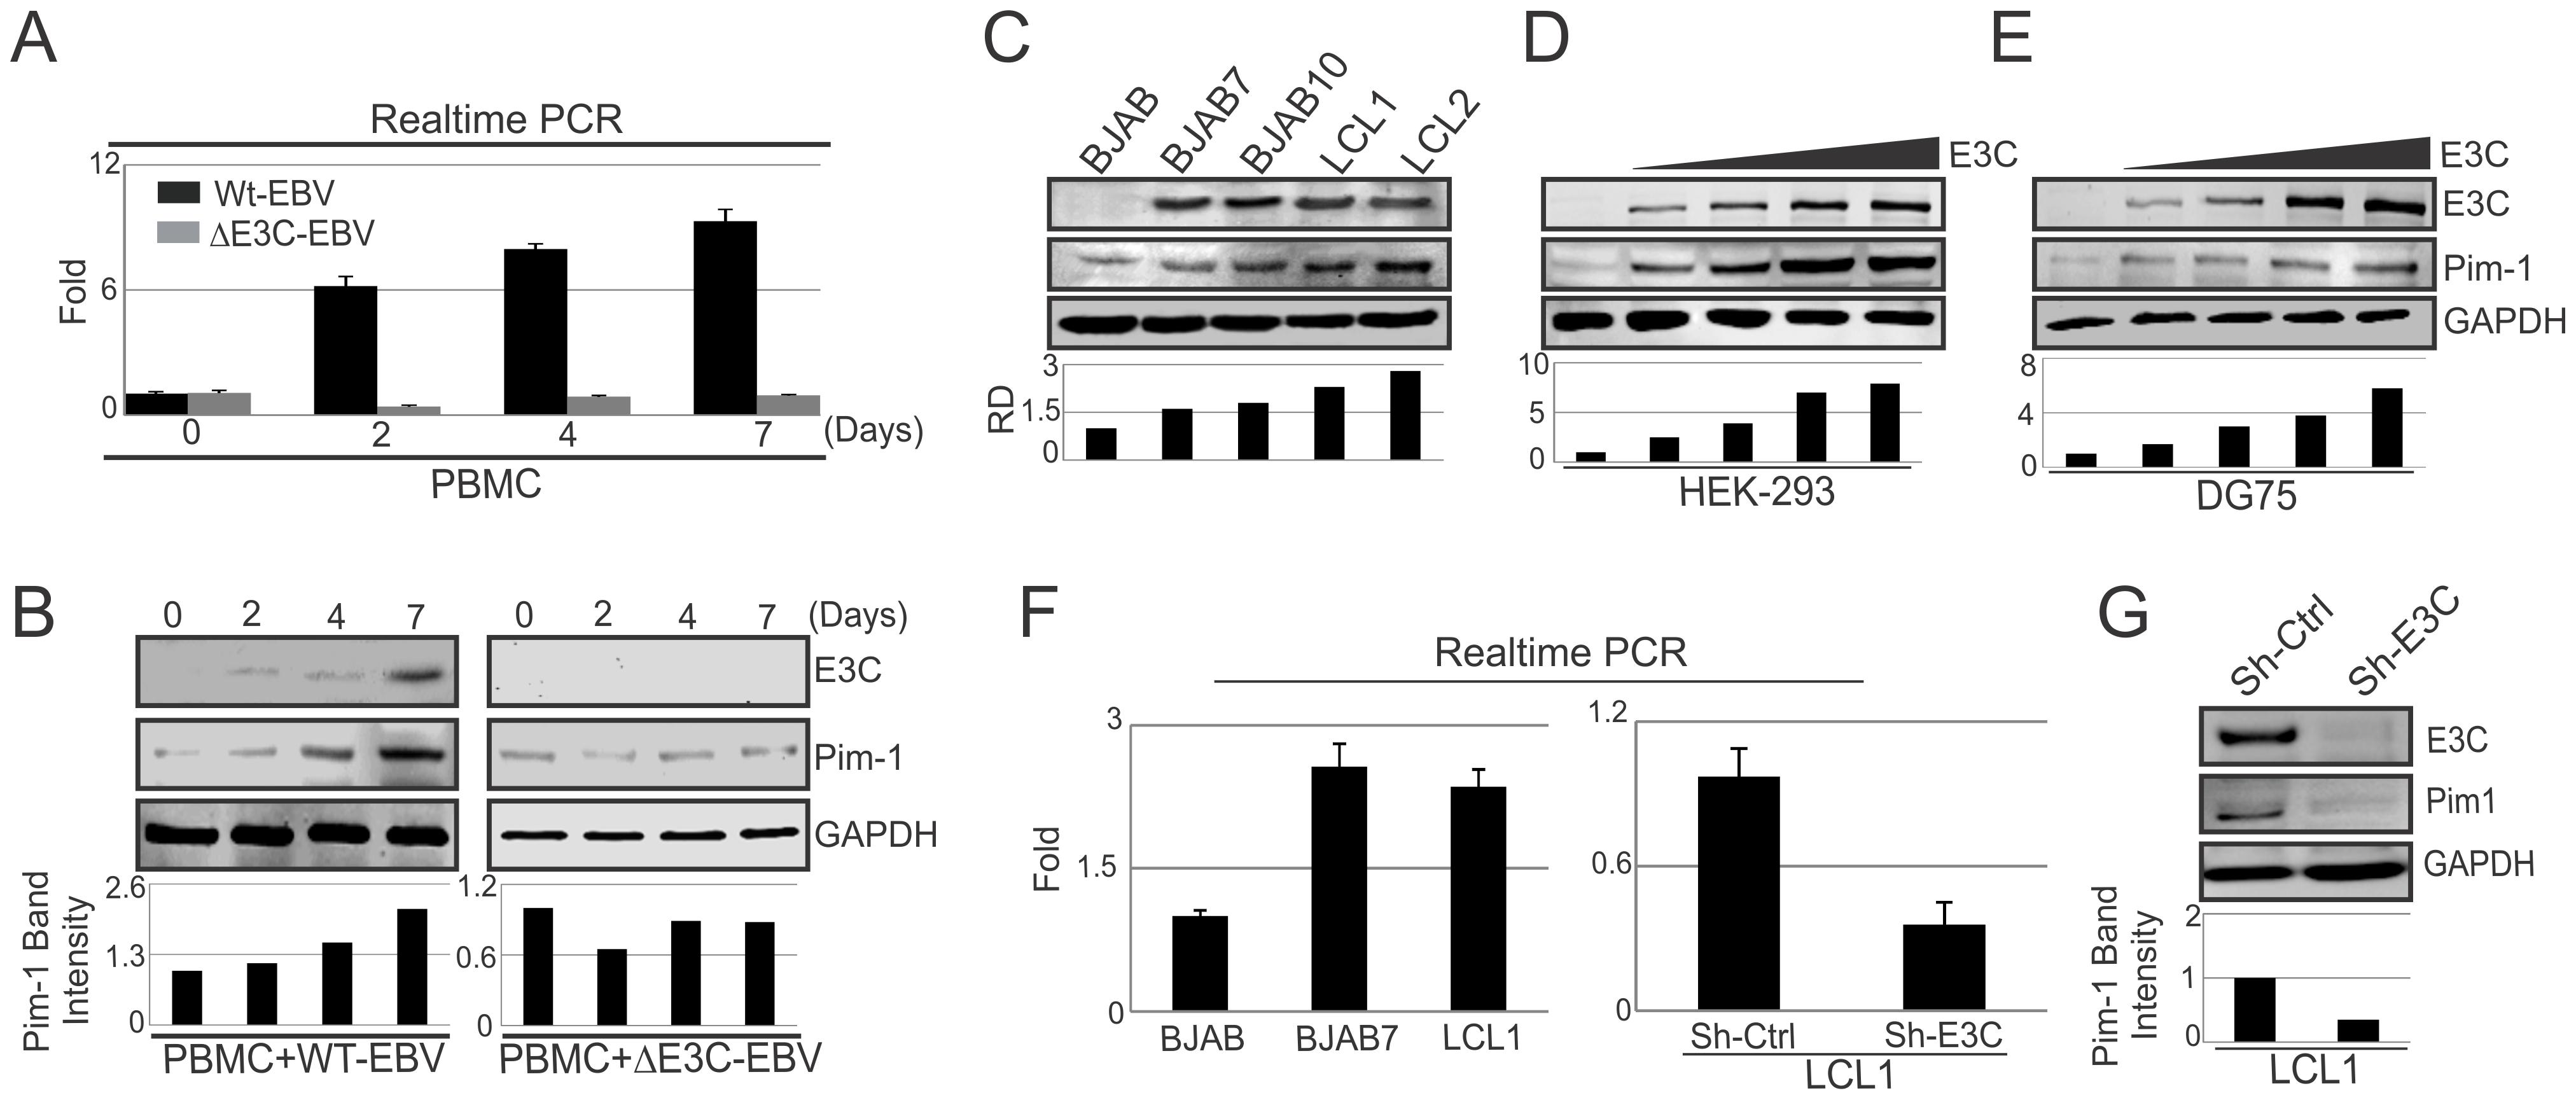 Upregulation of Pim-1 expression by EBNA3C.